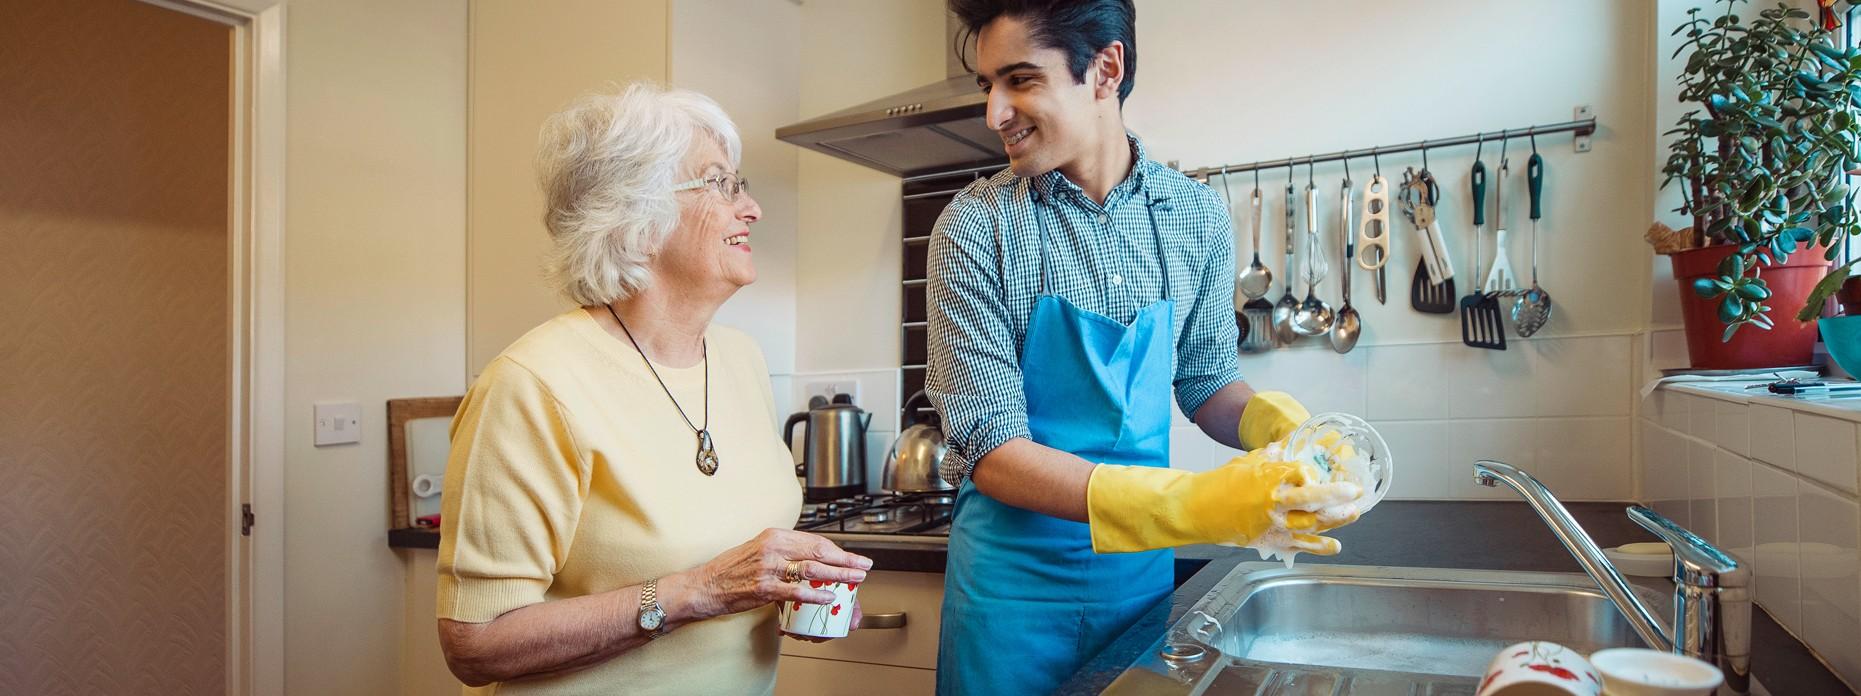 Mann hilft Seniorin beim Spülen